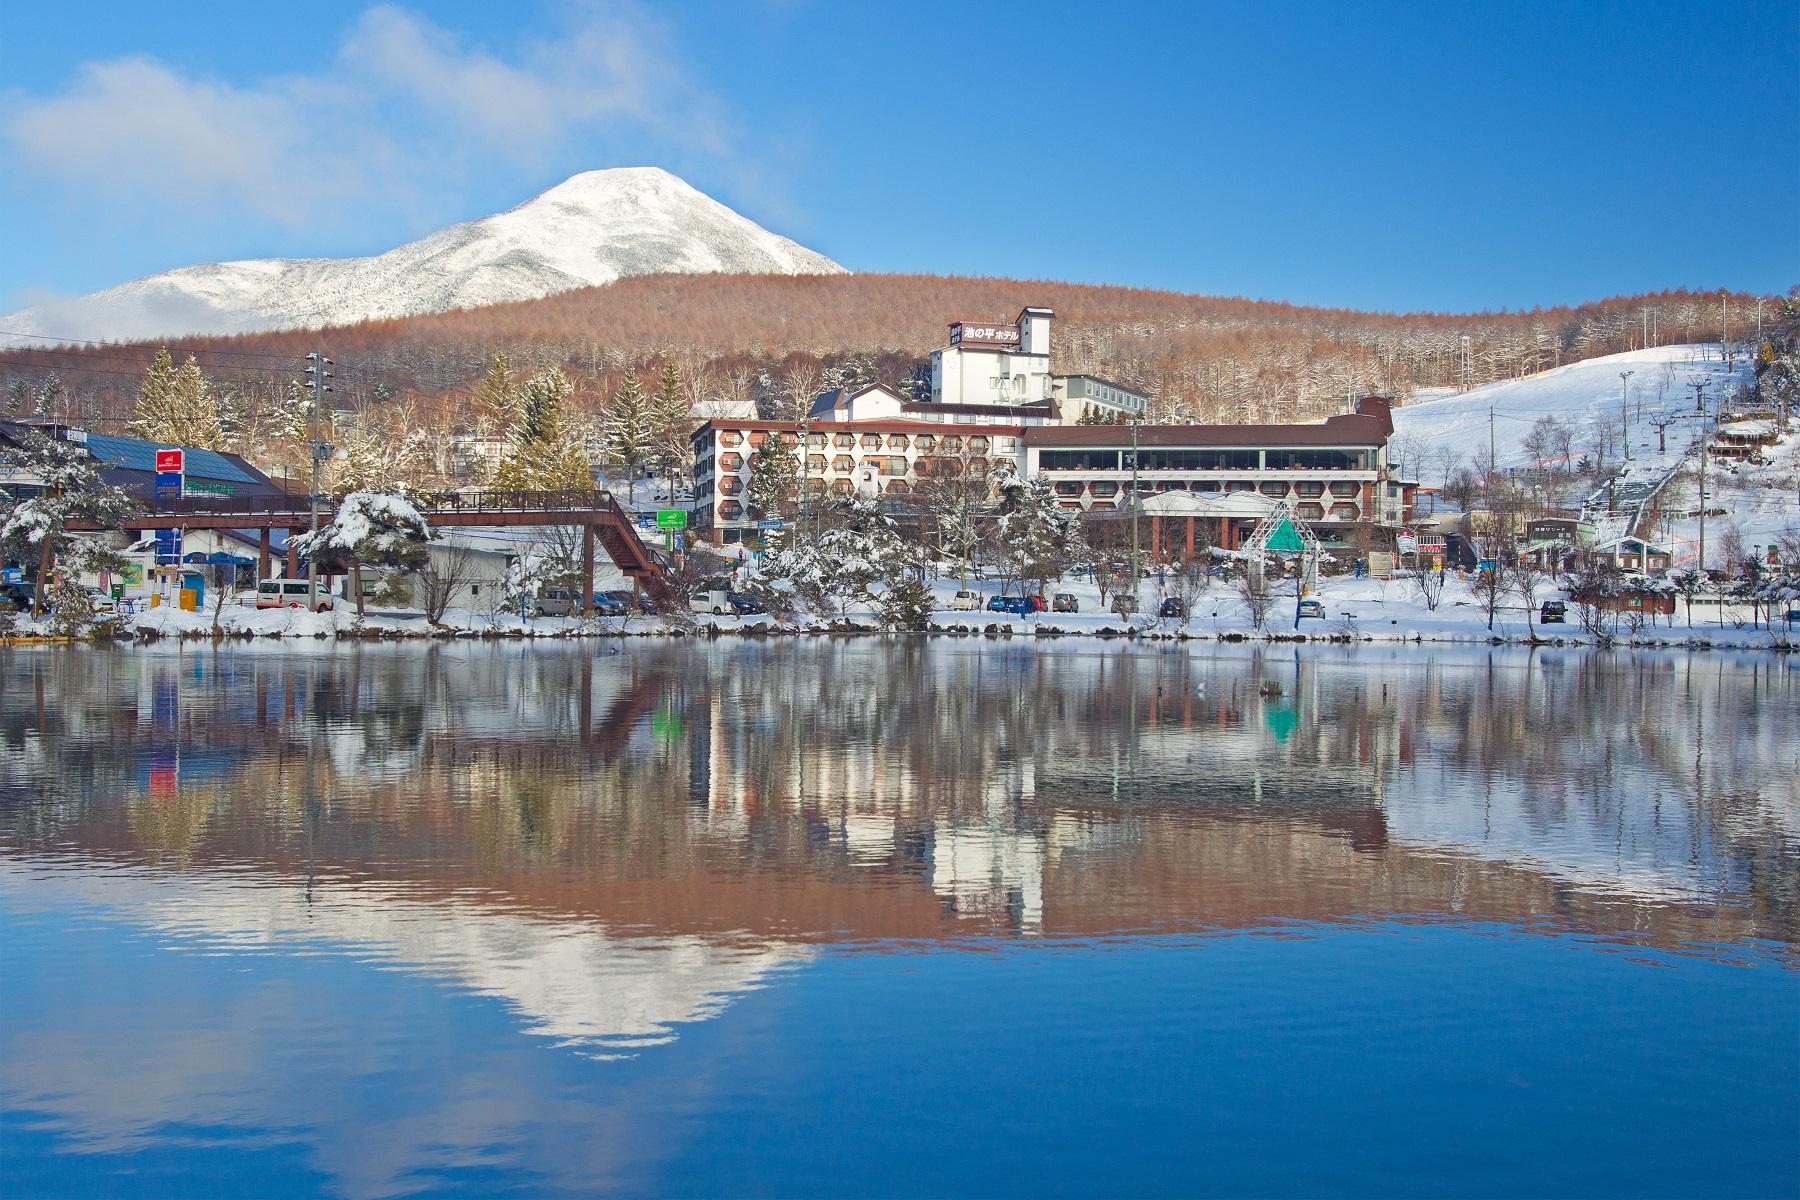 【滑得喜】白樺湖畔的日本小瑞士│包pocket wifi租借服務│東京+池之平酒店自由行套票 4-31天